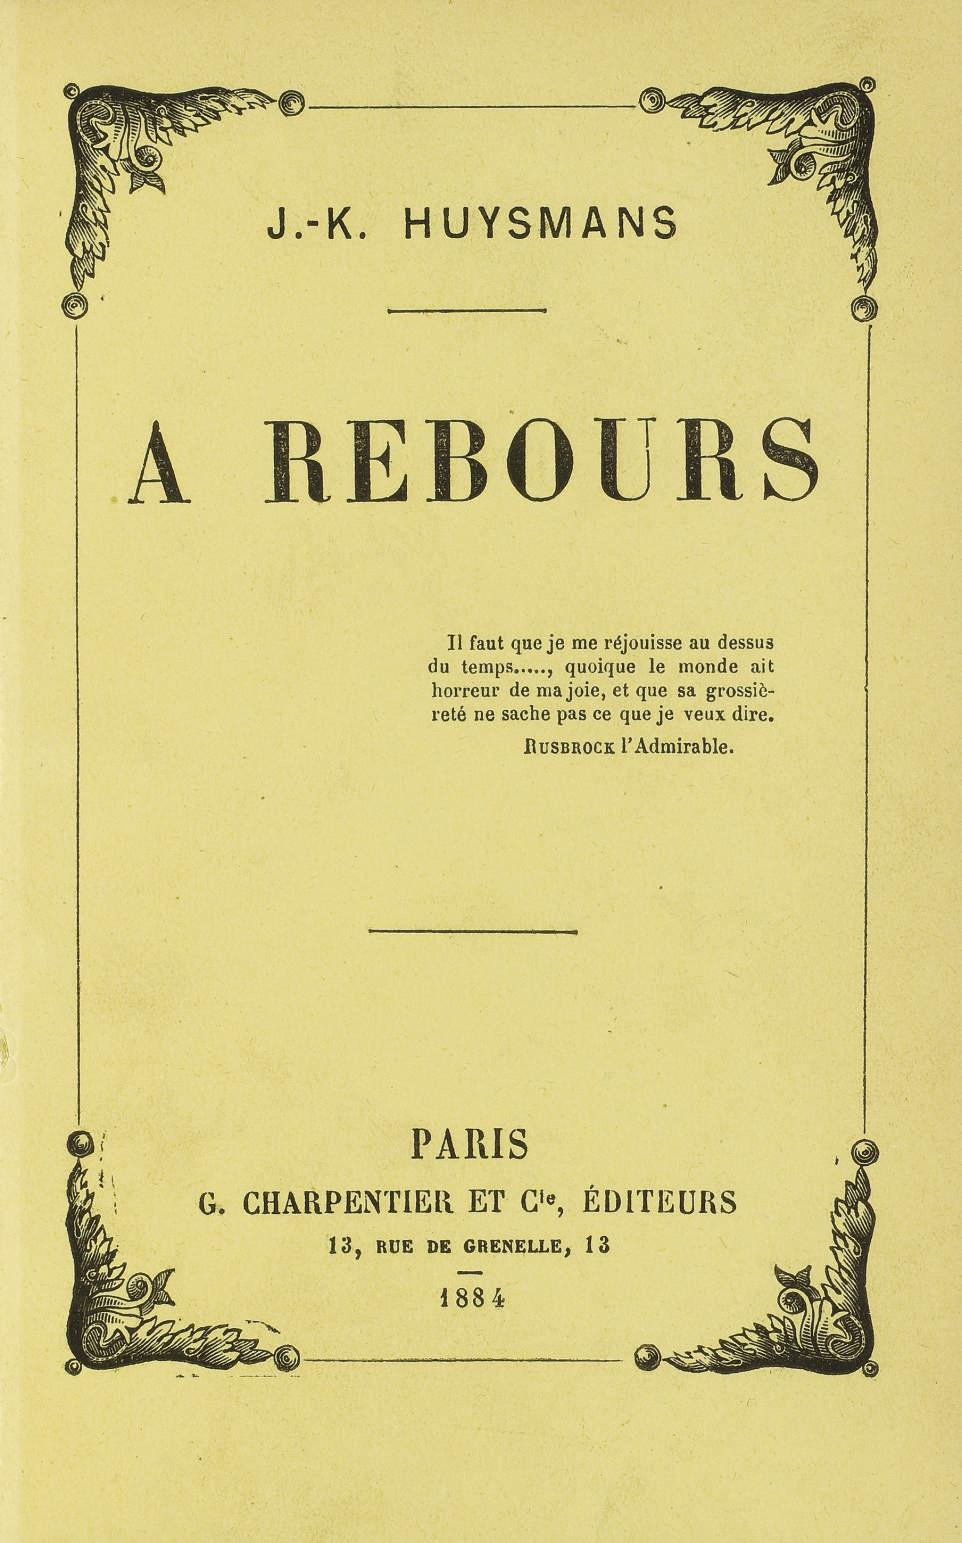 HUYSMANS, Joris-Karl (1848-1907). A Rebours. Paris: G. Charpentier et Cie, 1884.